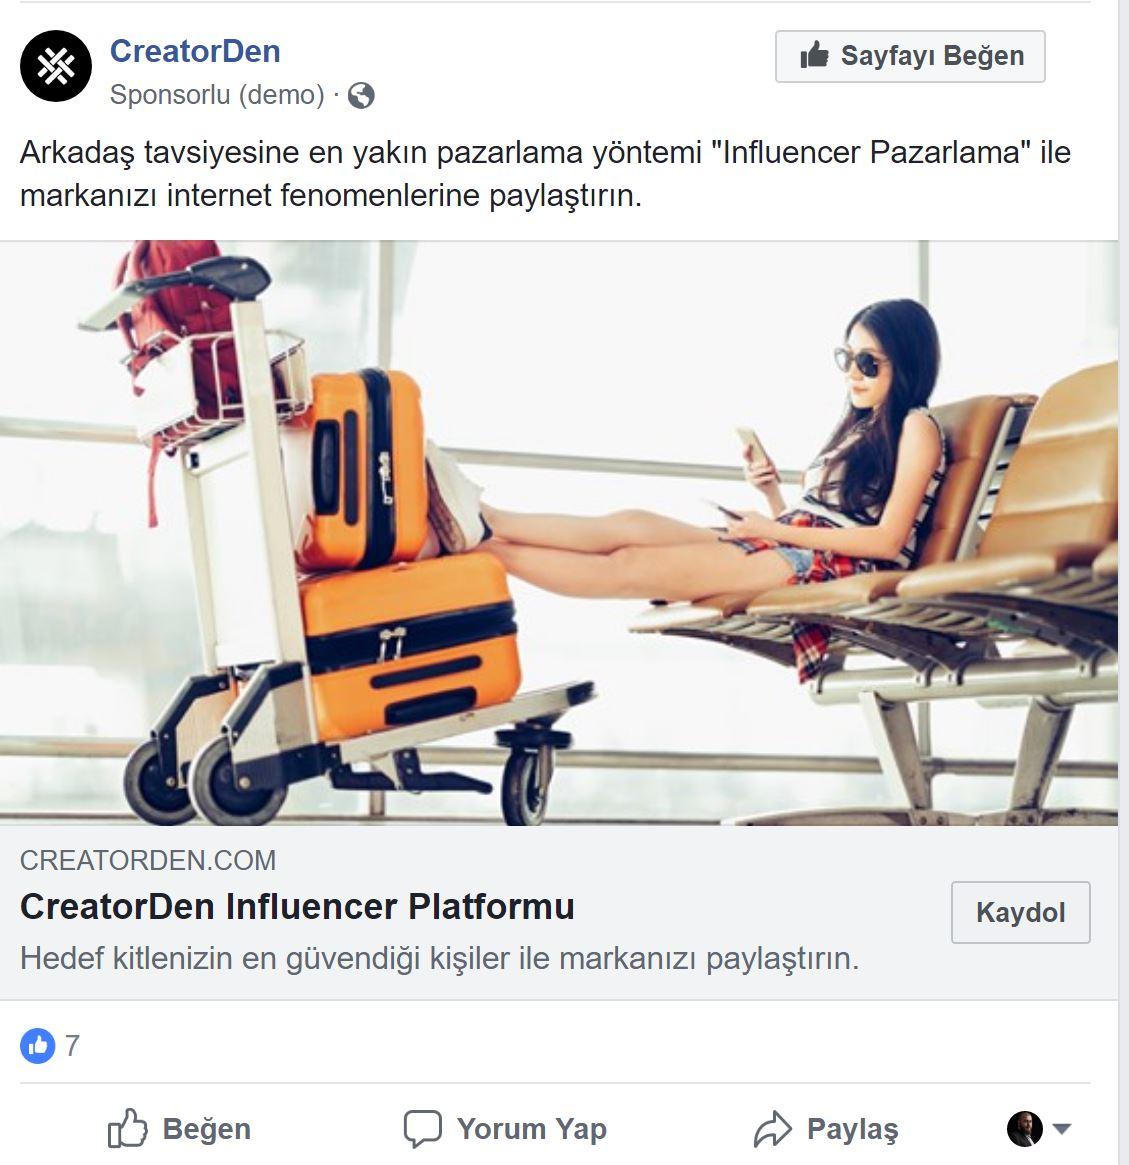 creatorden reklam